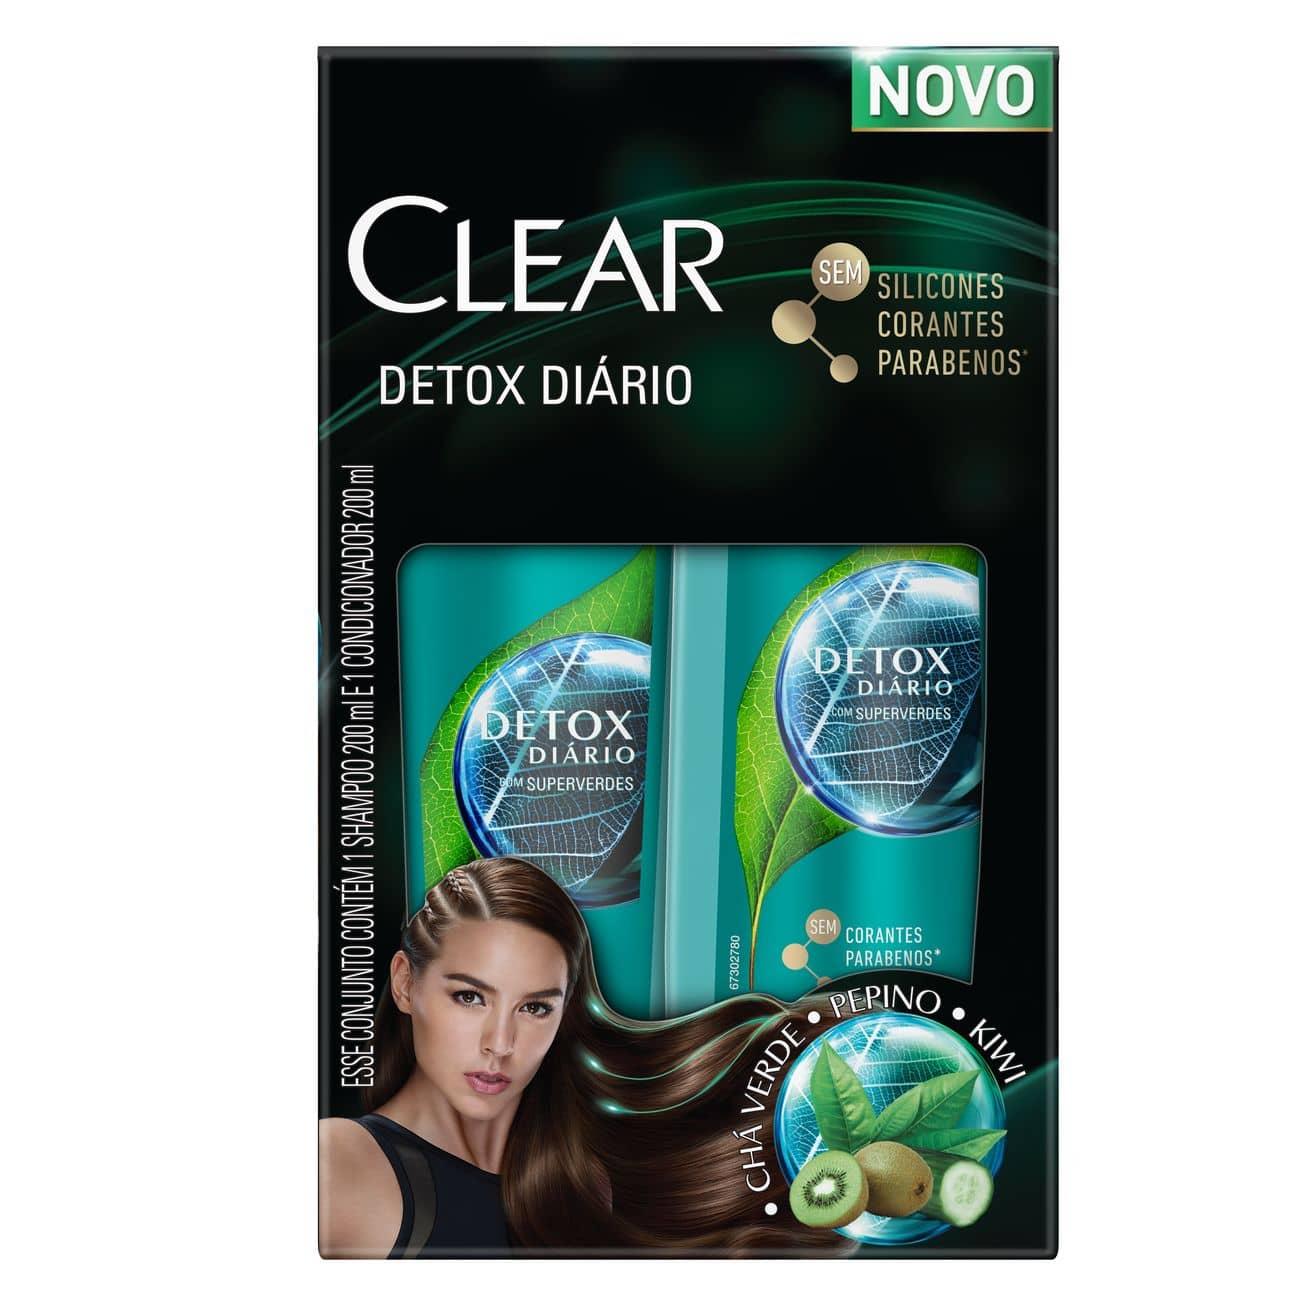 Oferta Clear Detox Shampoo 200ml + Condicionador 200ml